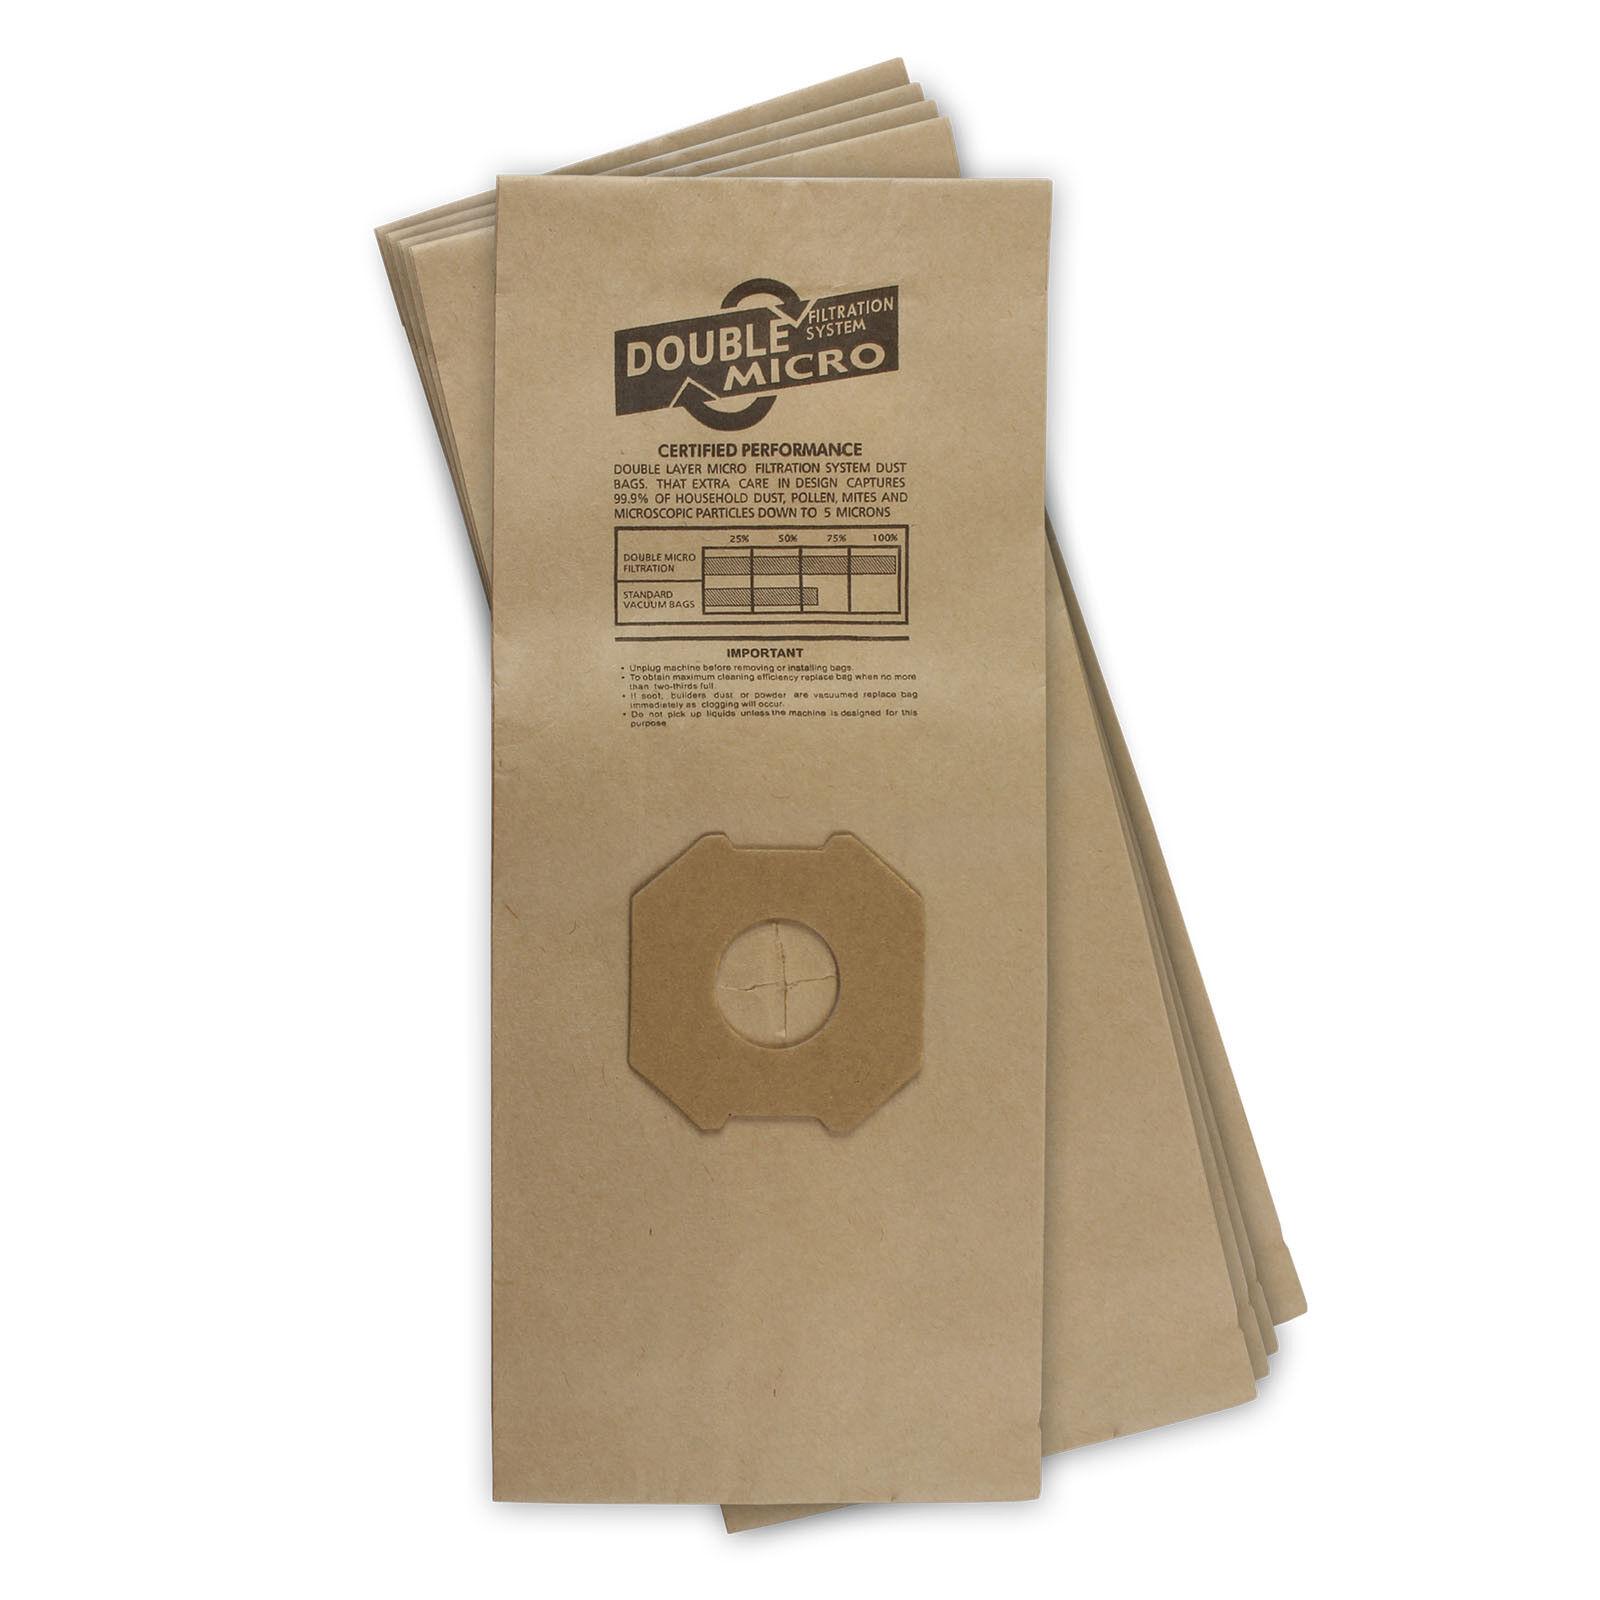 5 Vacuum cleaner dust hoover bags Hitachi 770D 770 770DD 770 775D 775DC /& 775DP